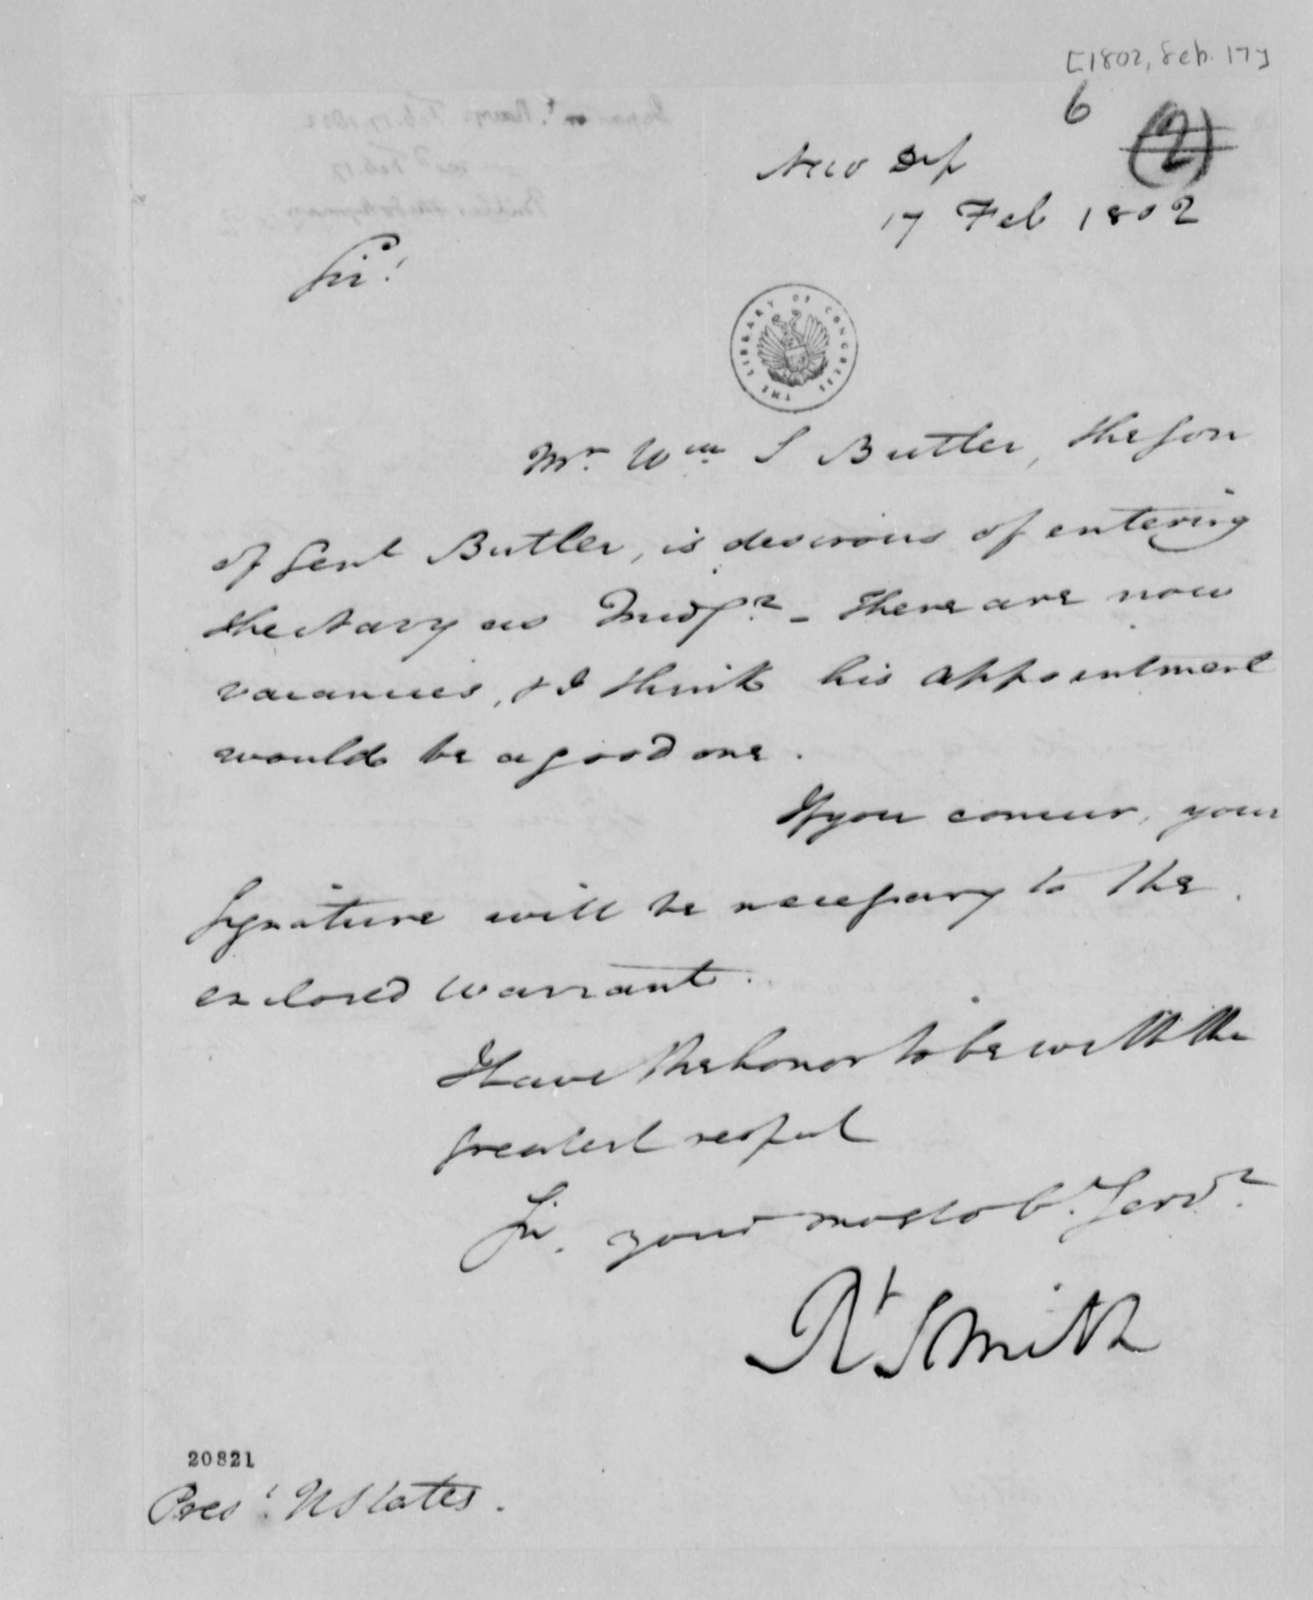 Robert Smith to Thomas Jefferson, February 17, 1802